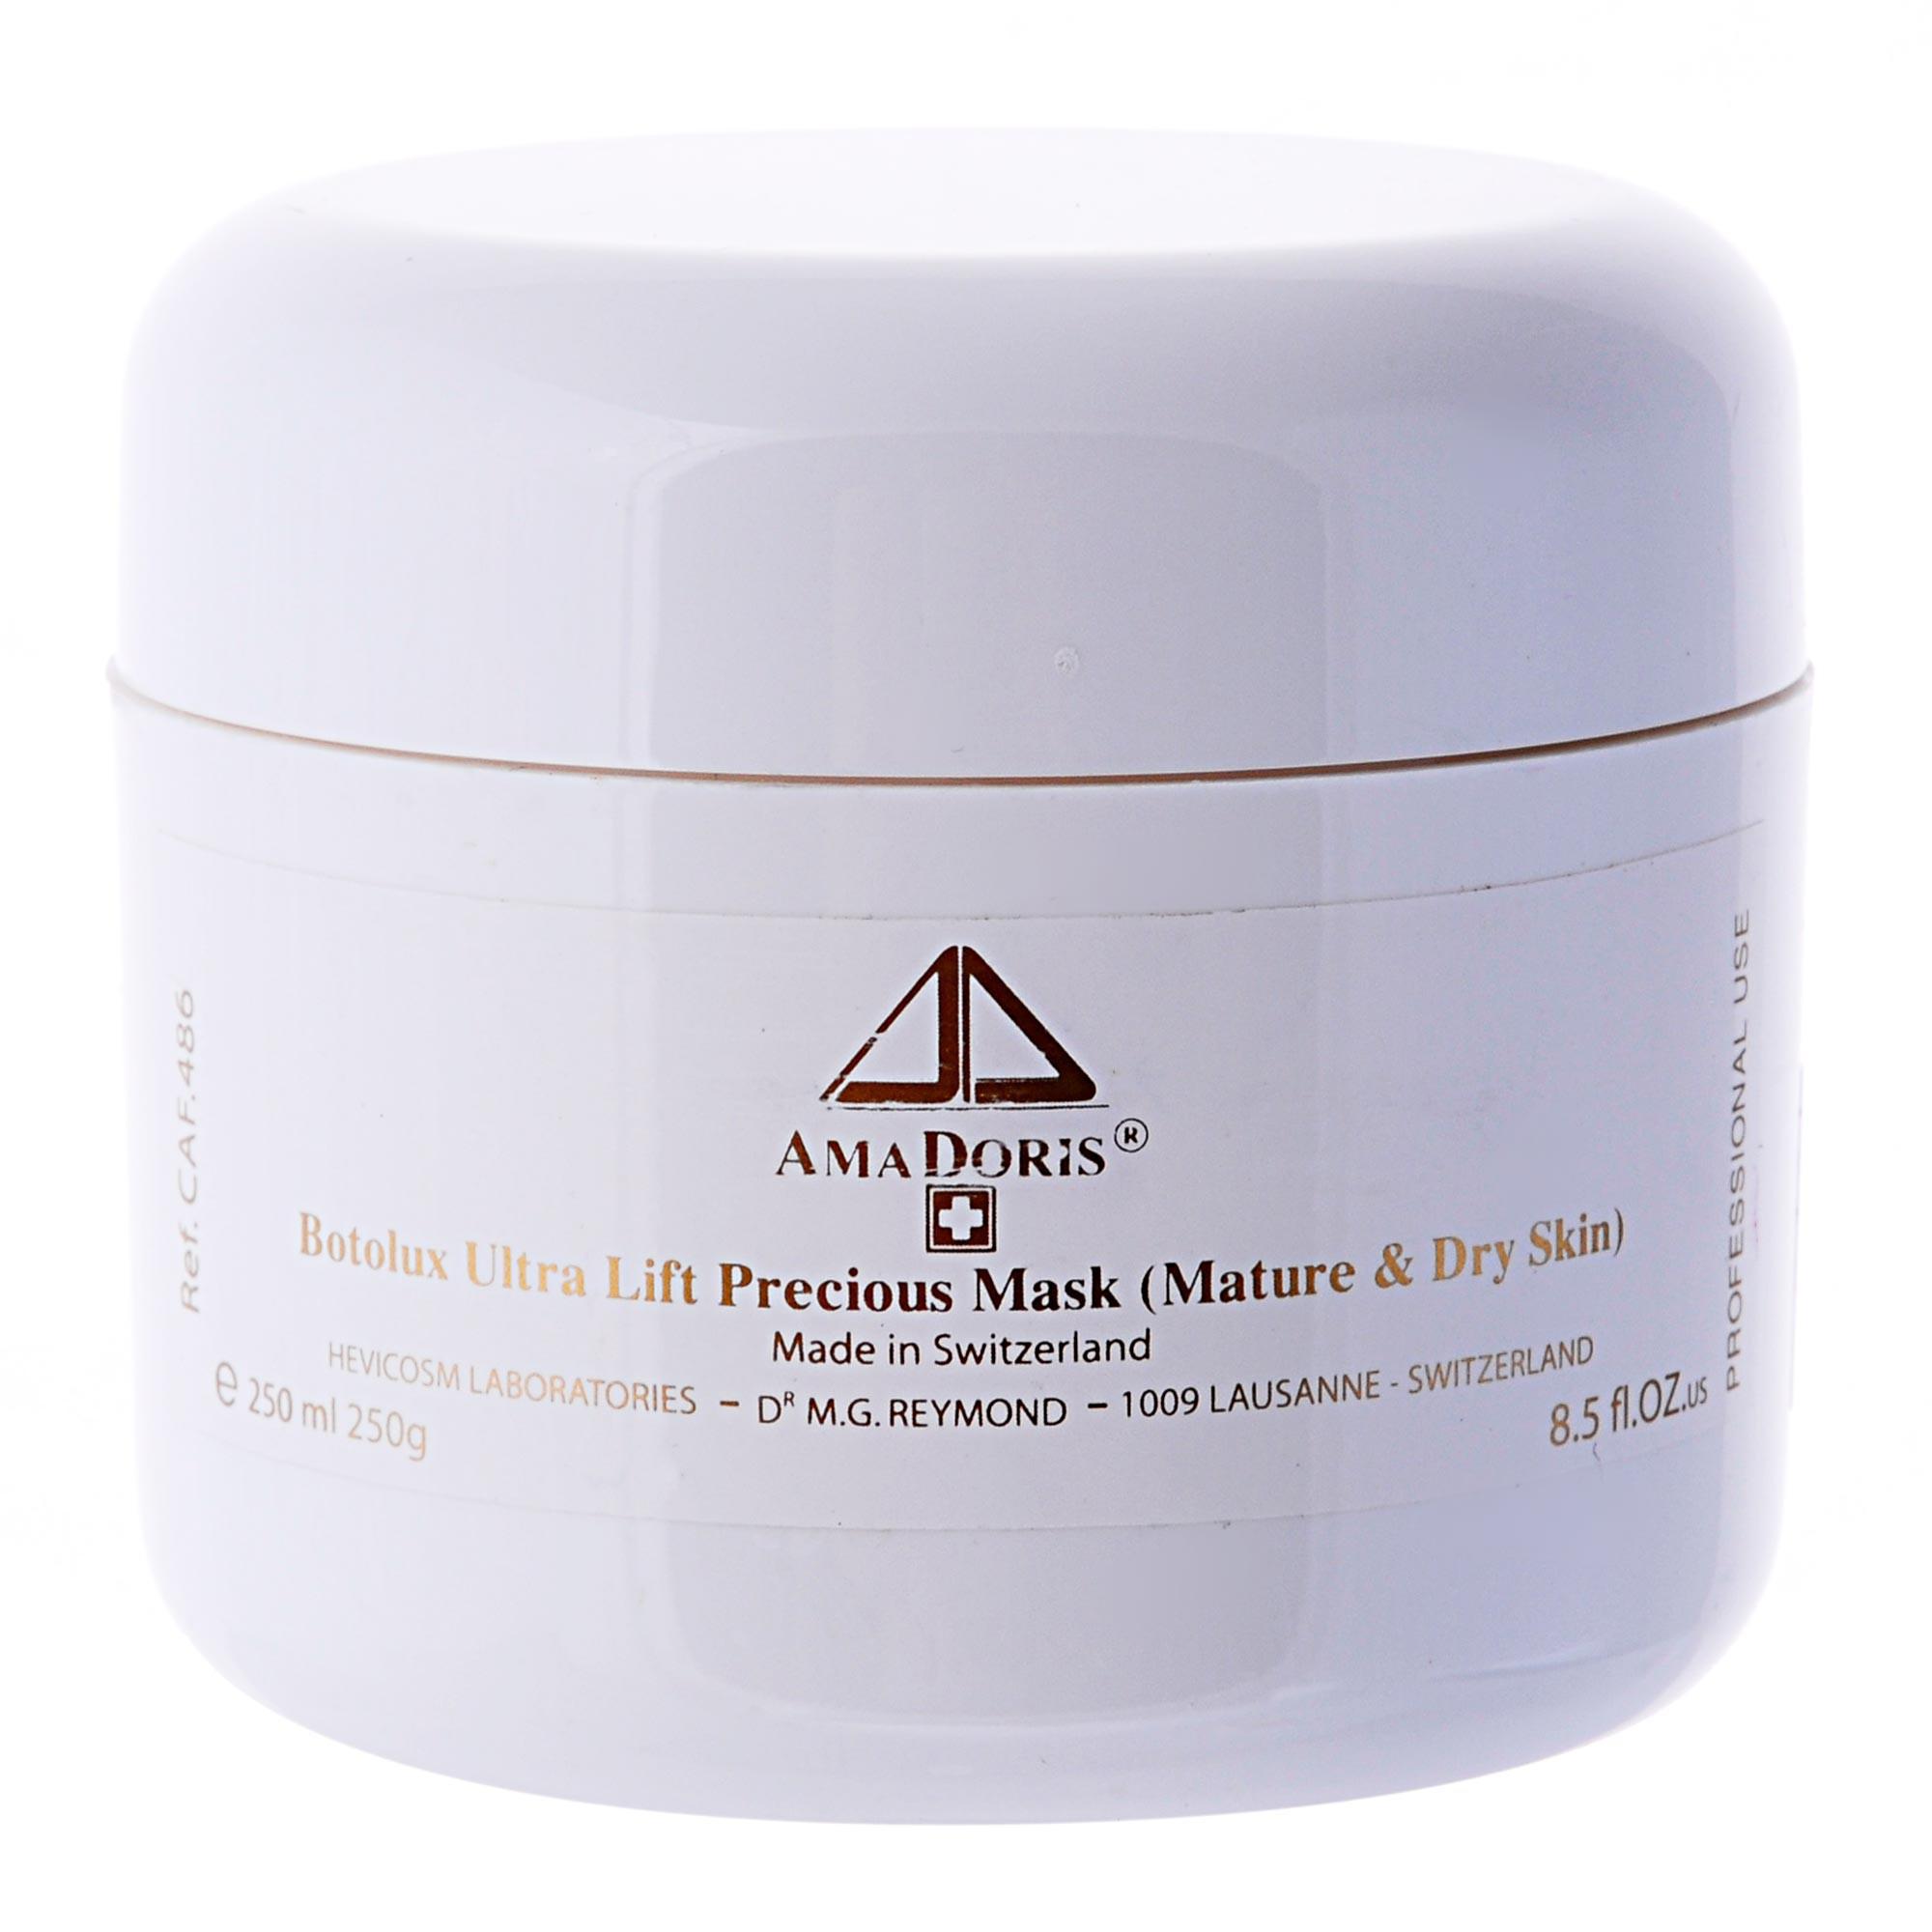 AMADORIS Маска-лифтинг для увядающей и сухой кожи Beautylux 250млМаски<br>Кремовая субстанция цвета слоновой кости с запахом чая. Маска предназначена для увядающей сухой кожи с выраженными мимическими морщинами. Маска обладает очевидным омолаживающим эффектом, разглаживает морщины, питает и увлажняет кожу. Рекомендуется сочетать крем-маску с бандажной техникой Amadoris.  Основные цели применения: лифтинг, уменьшение длины и глубины мимических морщин; глубокое улажнение, питание и регенерация; придание коже эластичности и упругости; улучшение цвета кожи. Активные ингредиенты: Гиалуронат натрия, Полисахариды красной водоросли, Каприлил гликоль, Масло ши, Миндальное масло, Гексапептиды, Гидролизованные соевые протеины, Биосахаридный клей, Хомектант комплекс, Пантенол или провитамин В5, Экстракт бессмертника песчаного, Экстракт корня женьшеня, Экстракт листьев камелии китайской, Экстракт корня иглицы шиповатой, Экстракт центеллы азиатской, Экстракт цветков календулы лекарственной, Экстракт конского каштана, Экстракт буддлеи, Экстракт тимьяна. Способ применения: Нанесите маску на очищенную кожу лица, шеи и декольте.Через 15 &amp;ndash; 20 минут промокните маску салфеткой и протрите кожу тоником.<br><br>Объем: 250<br>Типы кожи: Сухая и обезвоженная<br>Назначение: Морщины